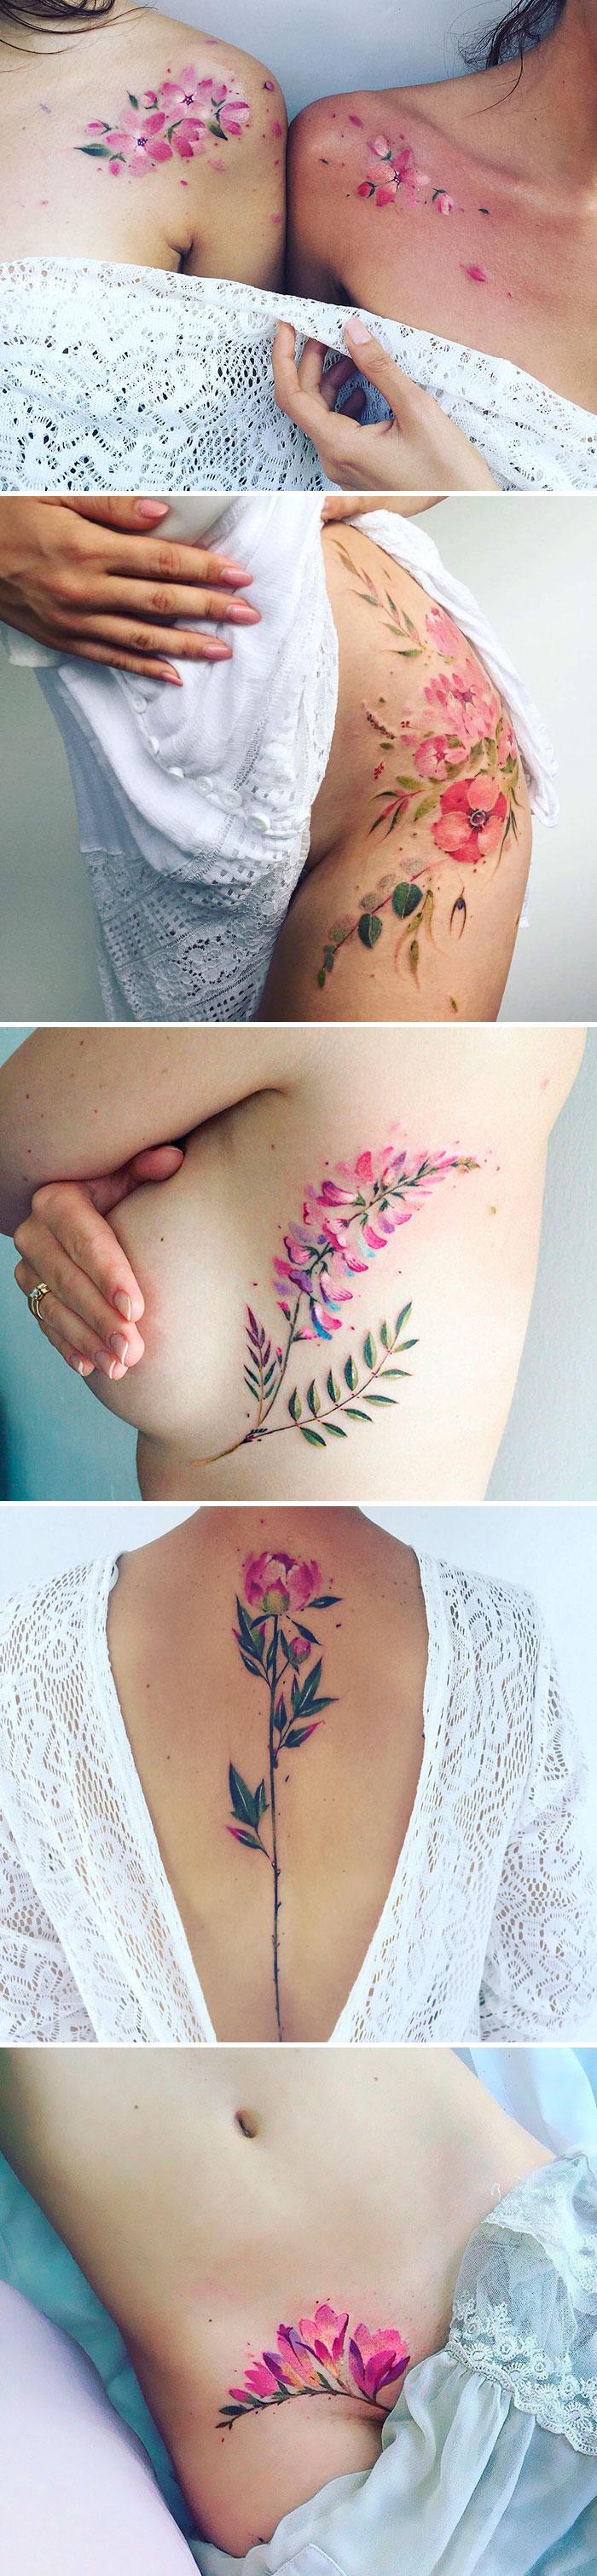 floral-tattoo-artists-2-58e254a999b90__700